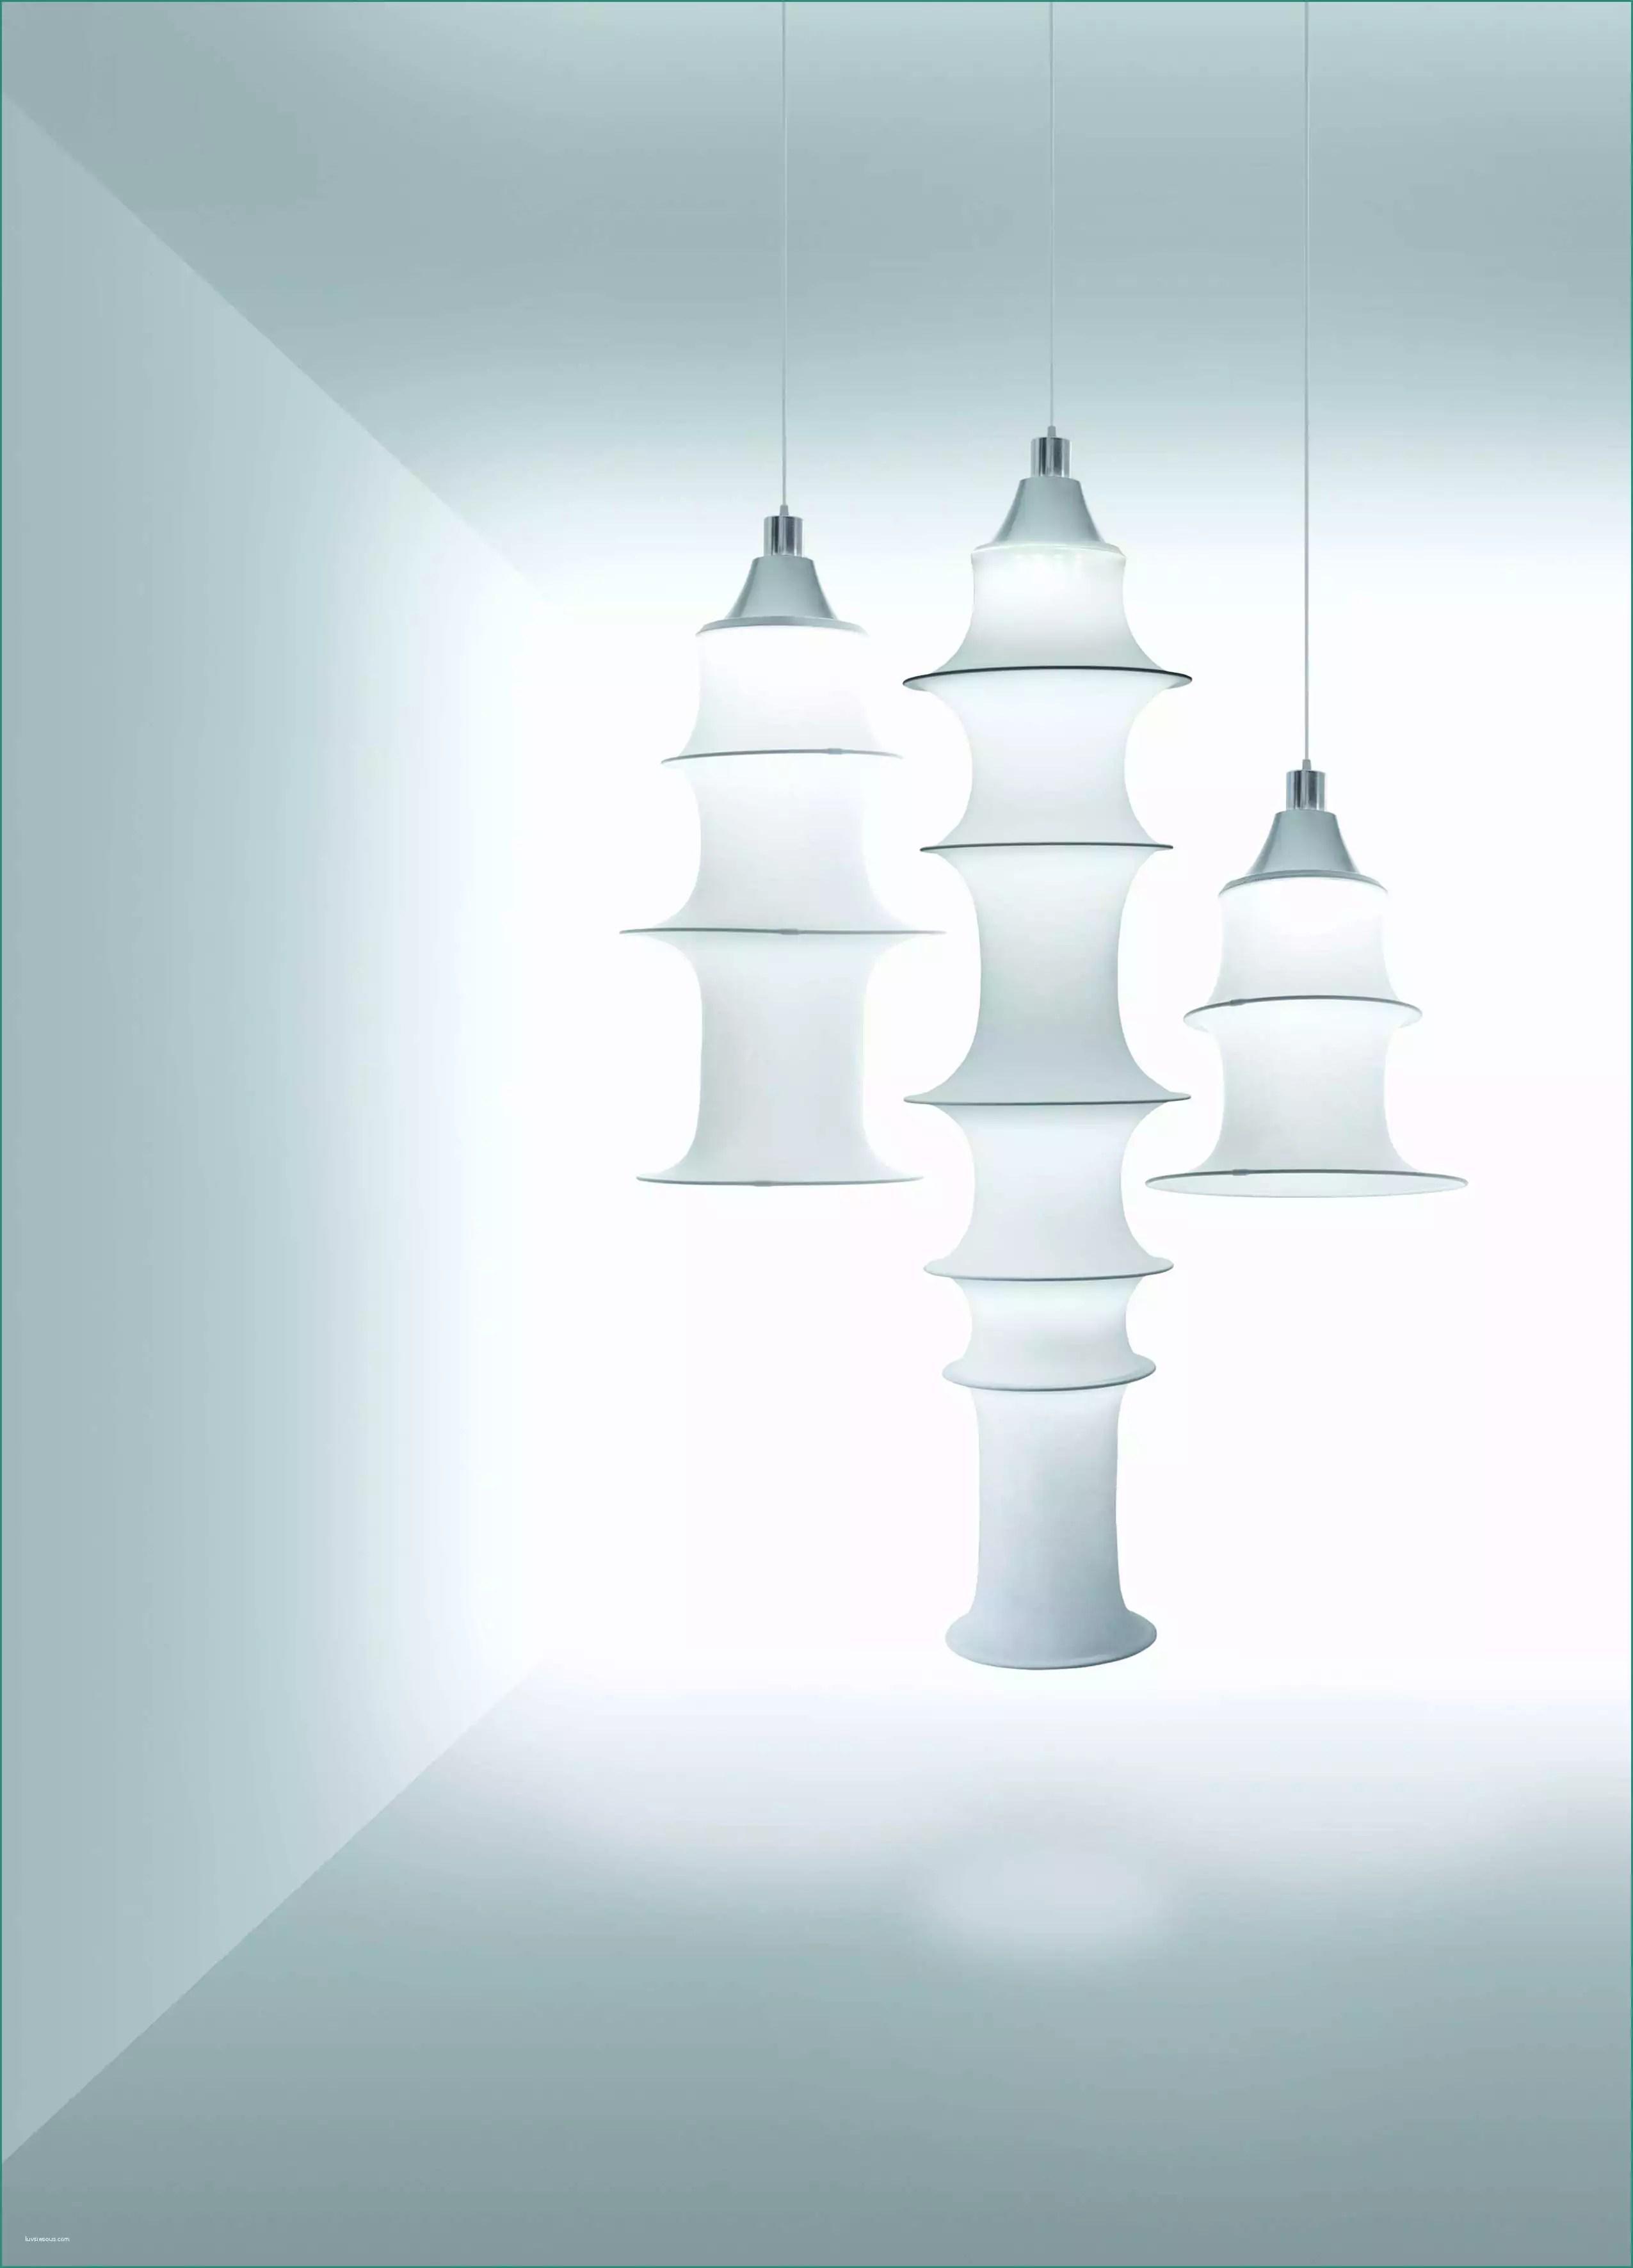 BÄVE Binario soffitto 3 faretti LED - IKEA